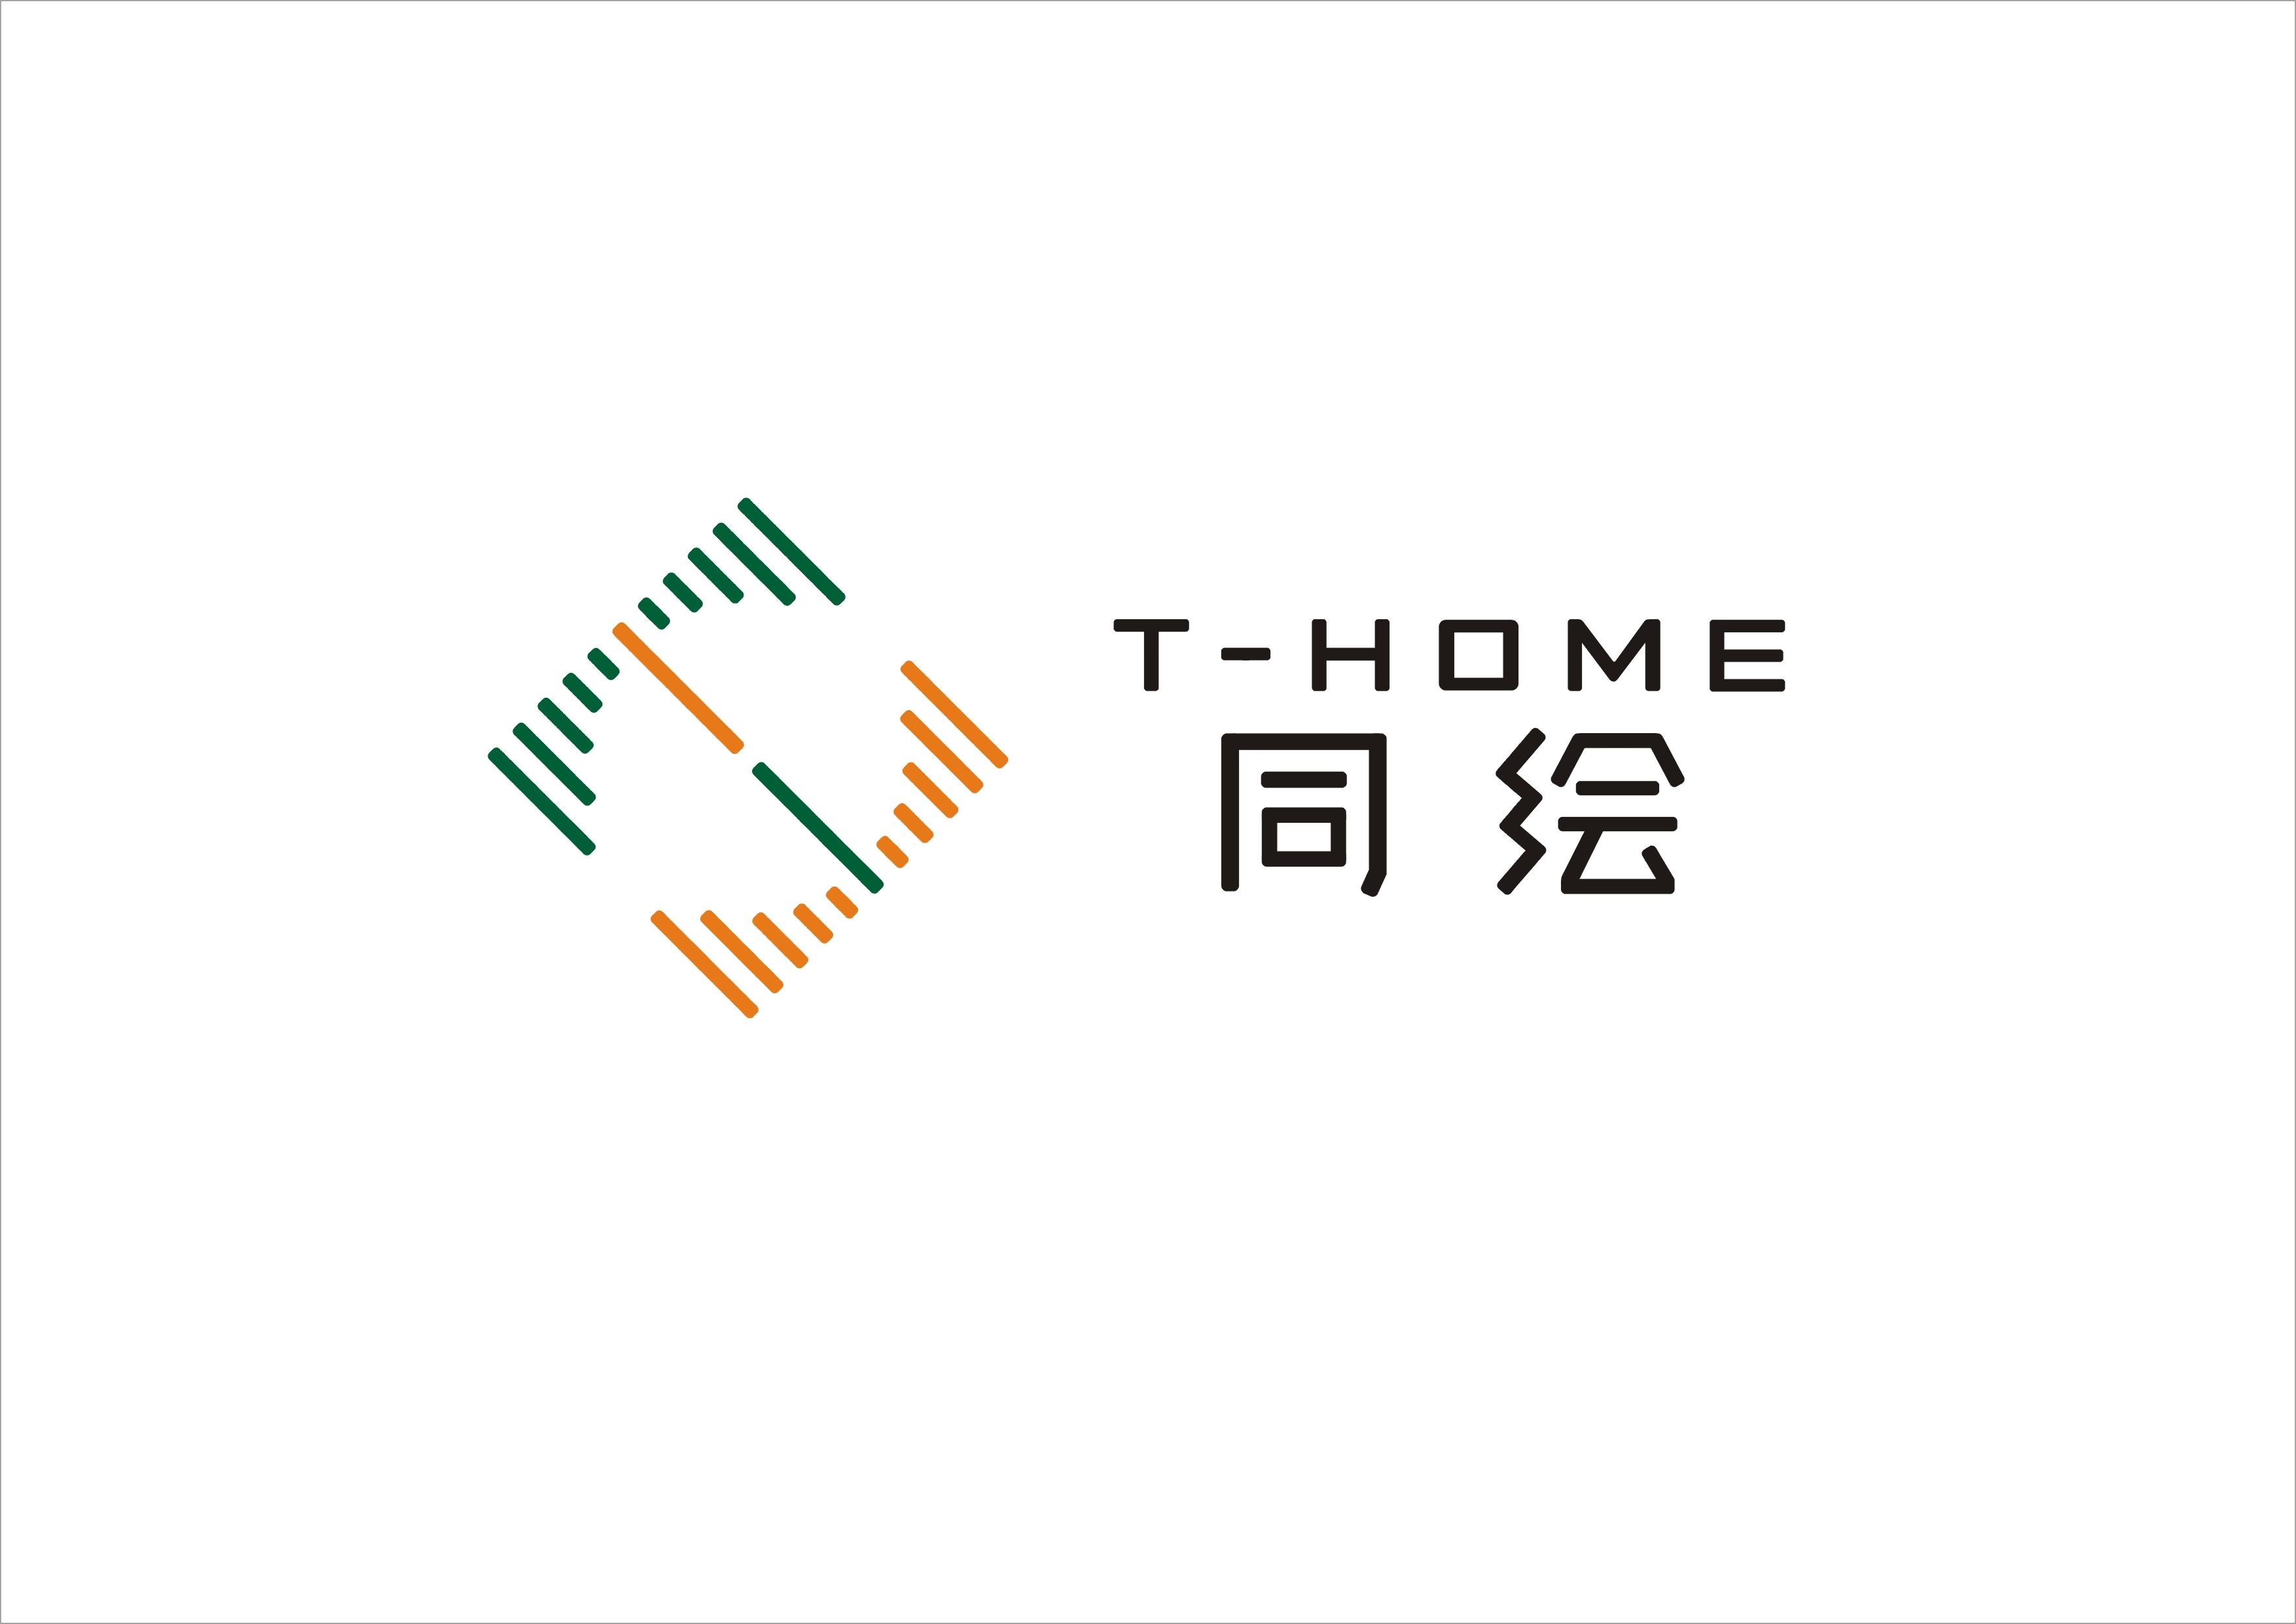 安徽同绘家园土地信息技术有限公司